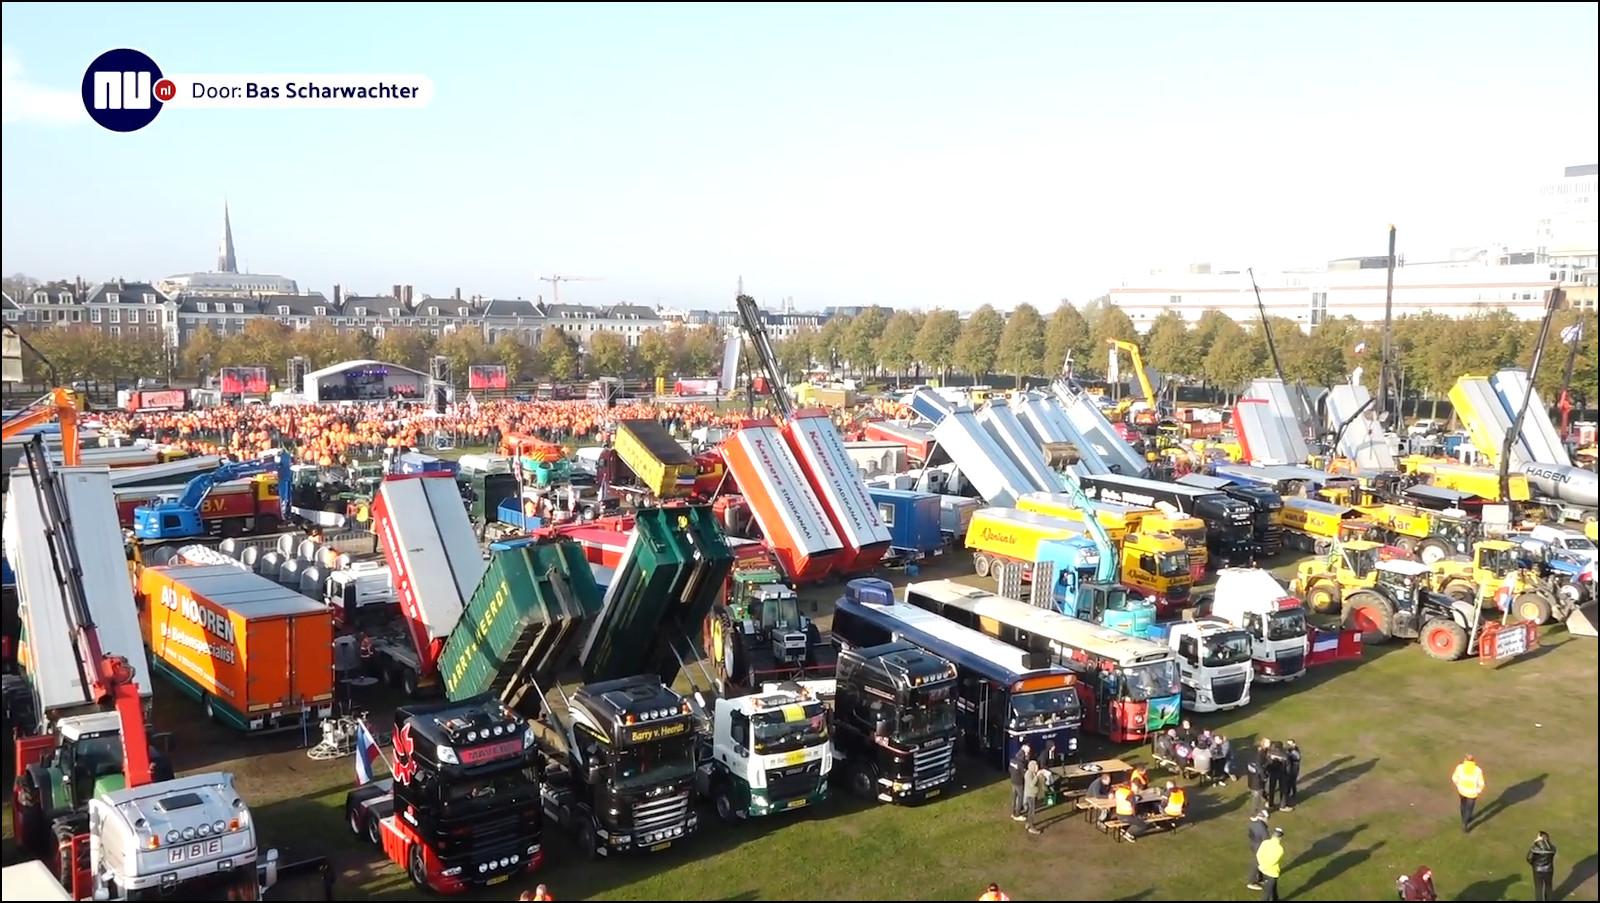 Протестующие строители в Гааге. Кадр из видео nu.nl.